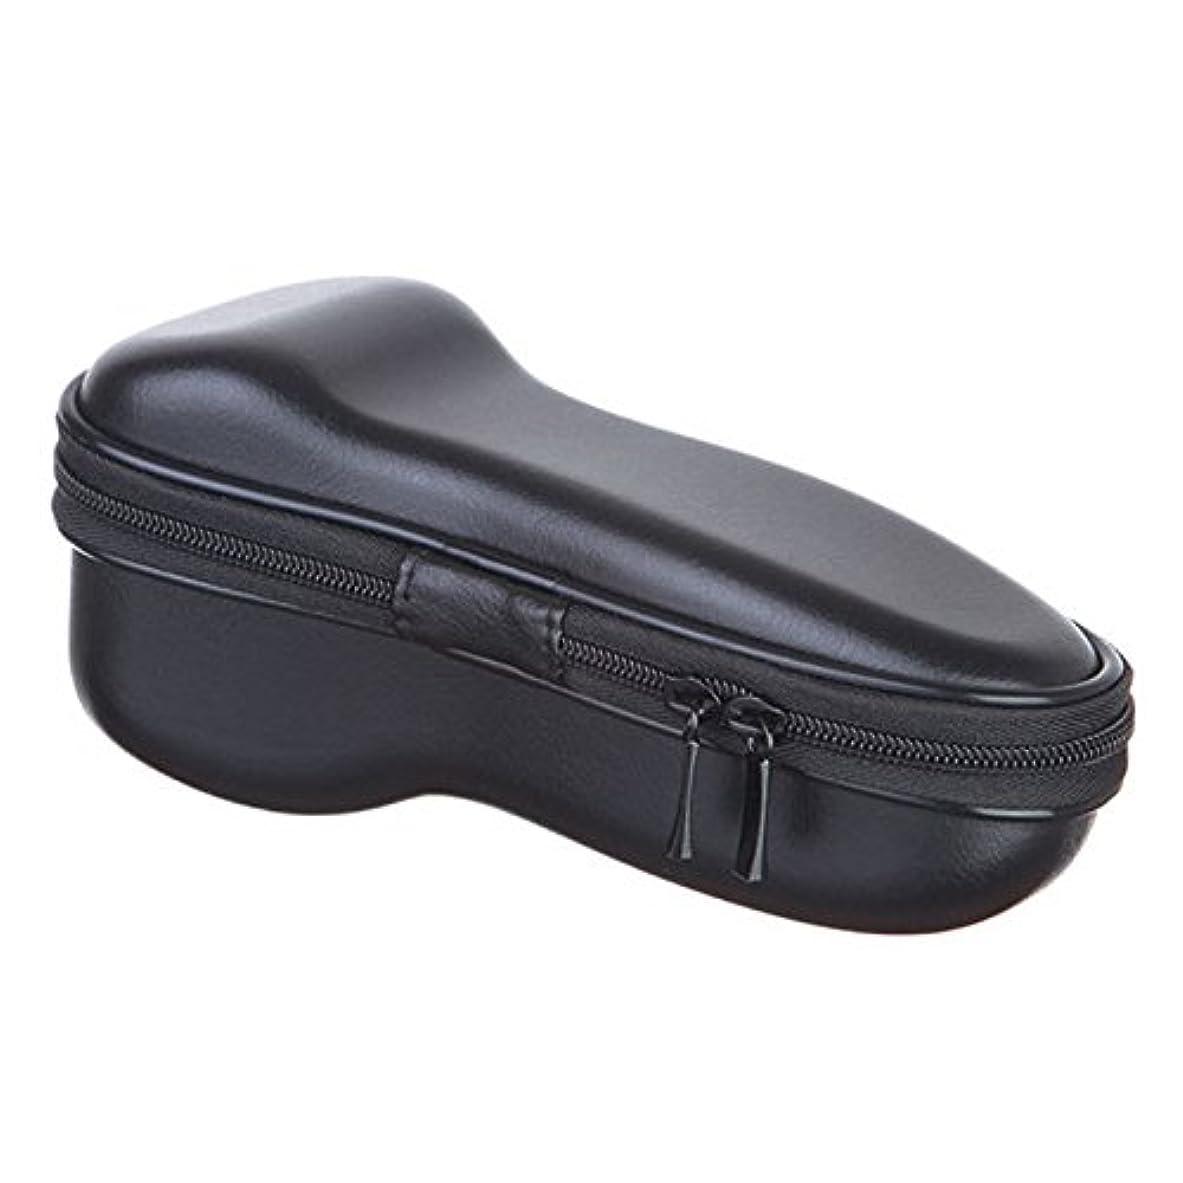 パイロットお純粋にSODIAL ユニバーサル 電気 シェーバー ジッパー付き 収納バッグ 旅行EVA保護 ショックプルーフ ケース ボックス ポーチ カバー カミソリ/シェーバーのバッグ